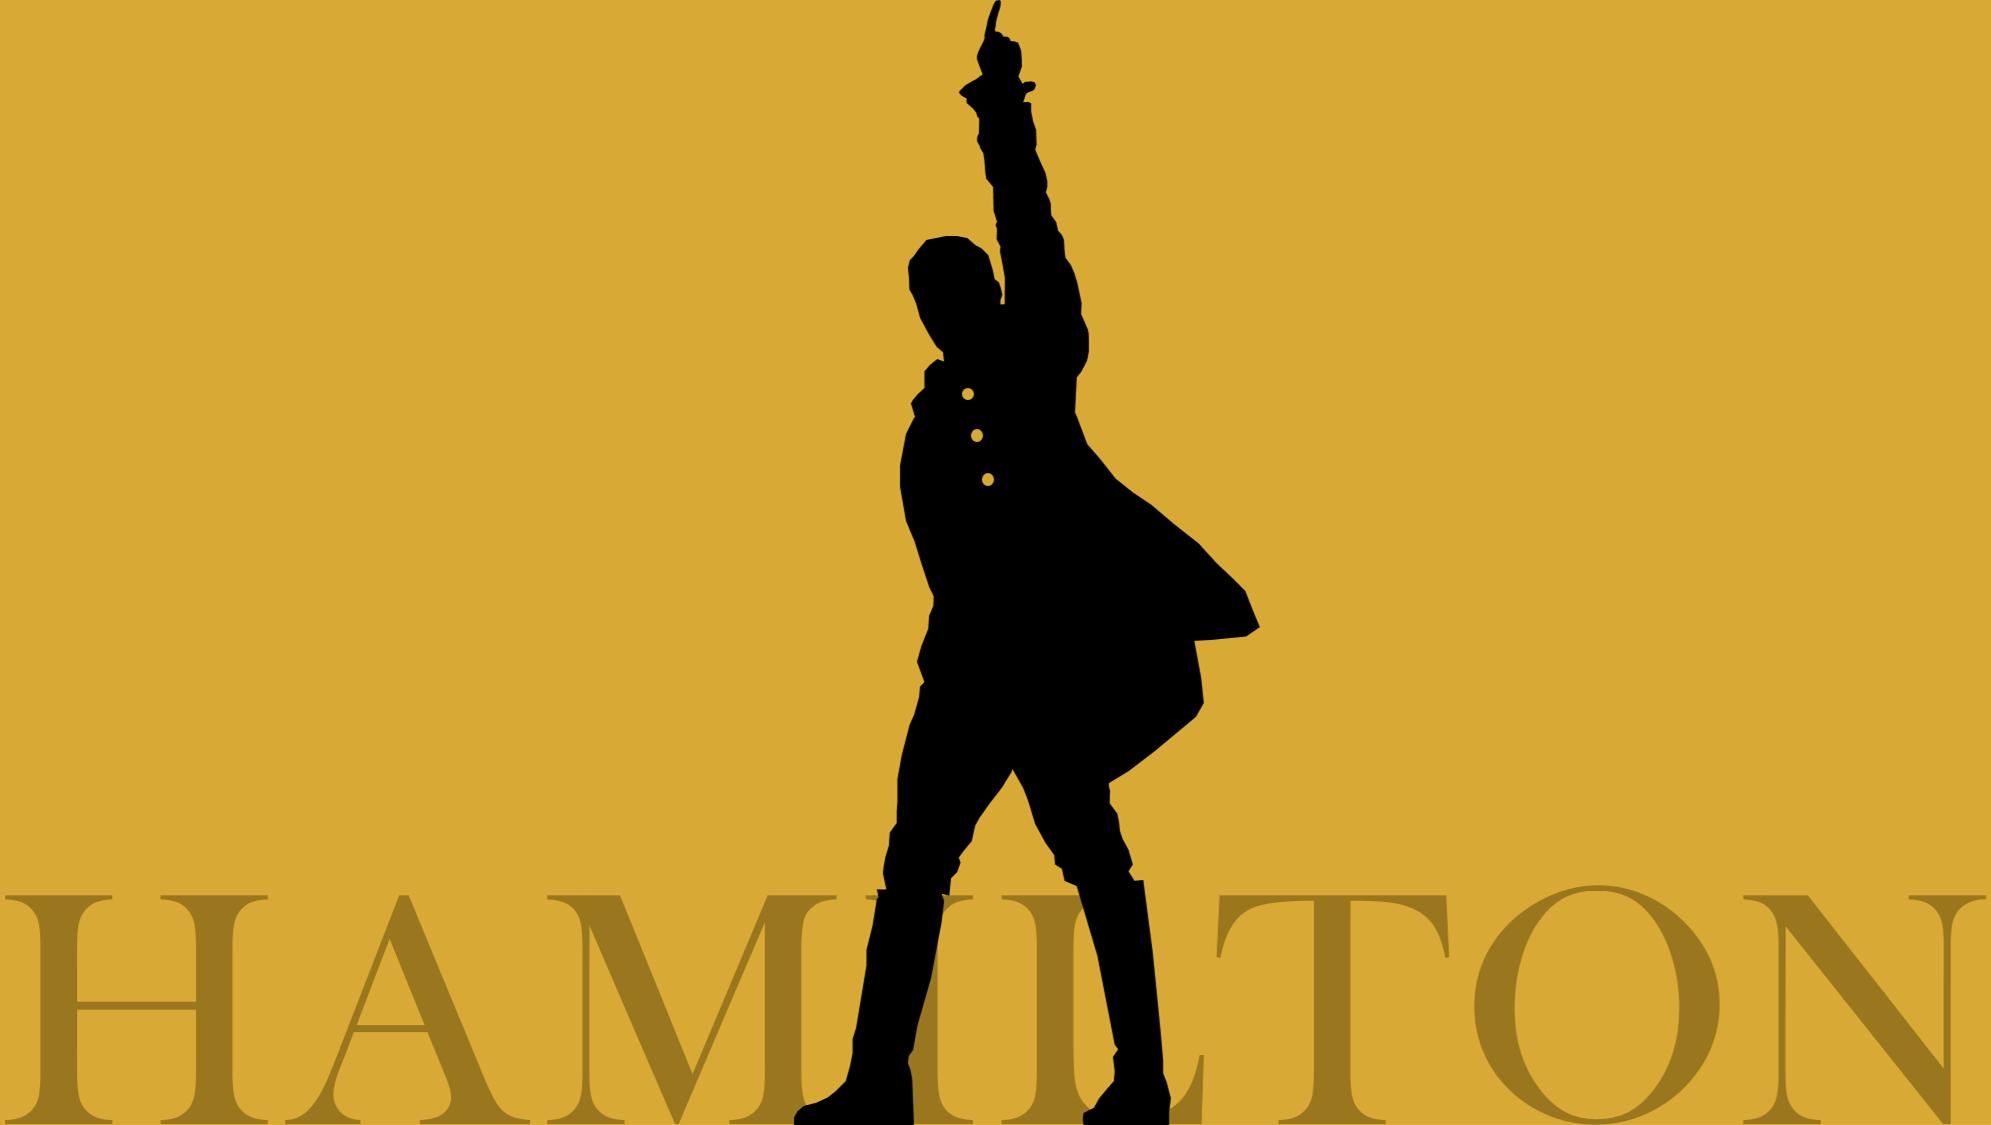 Hamilton the Musical by Reverendtundra on DeviantArt